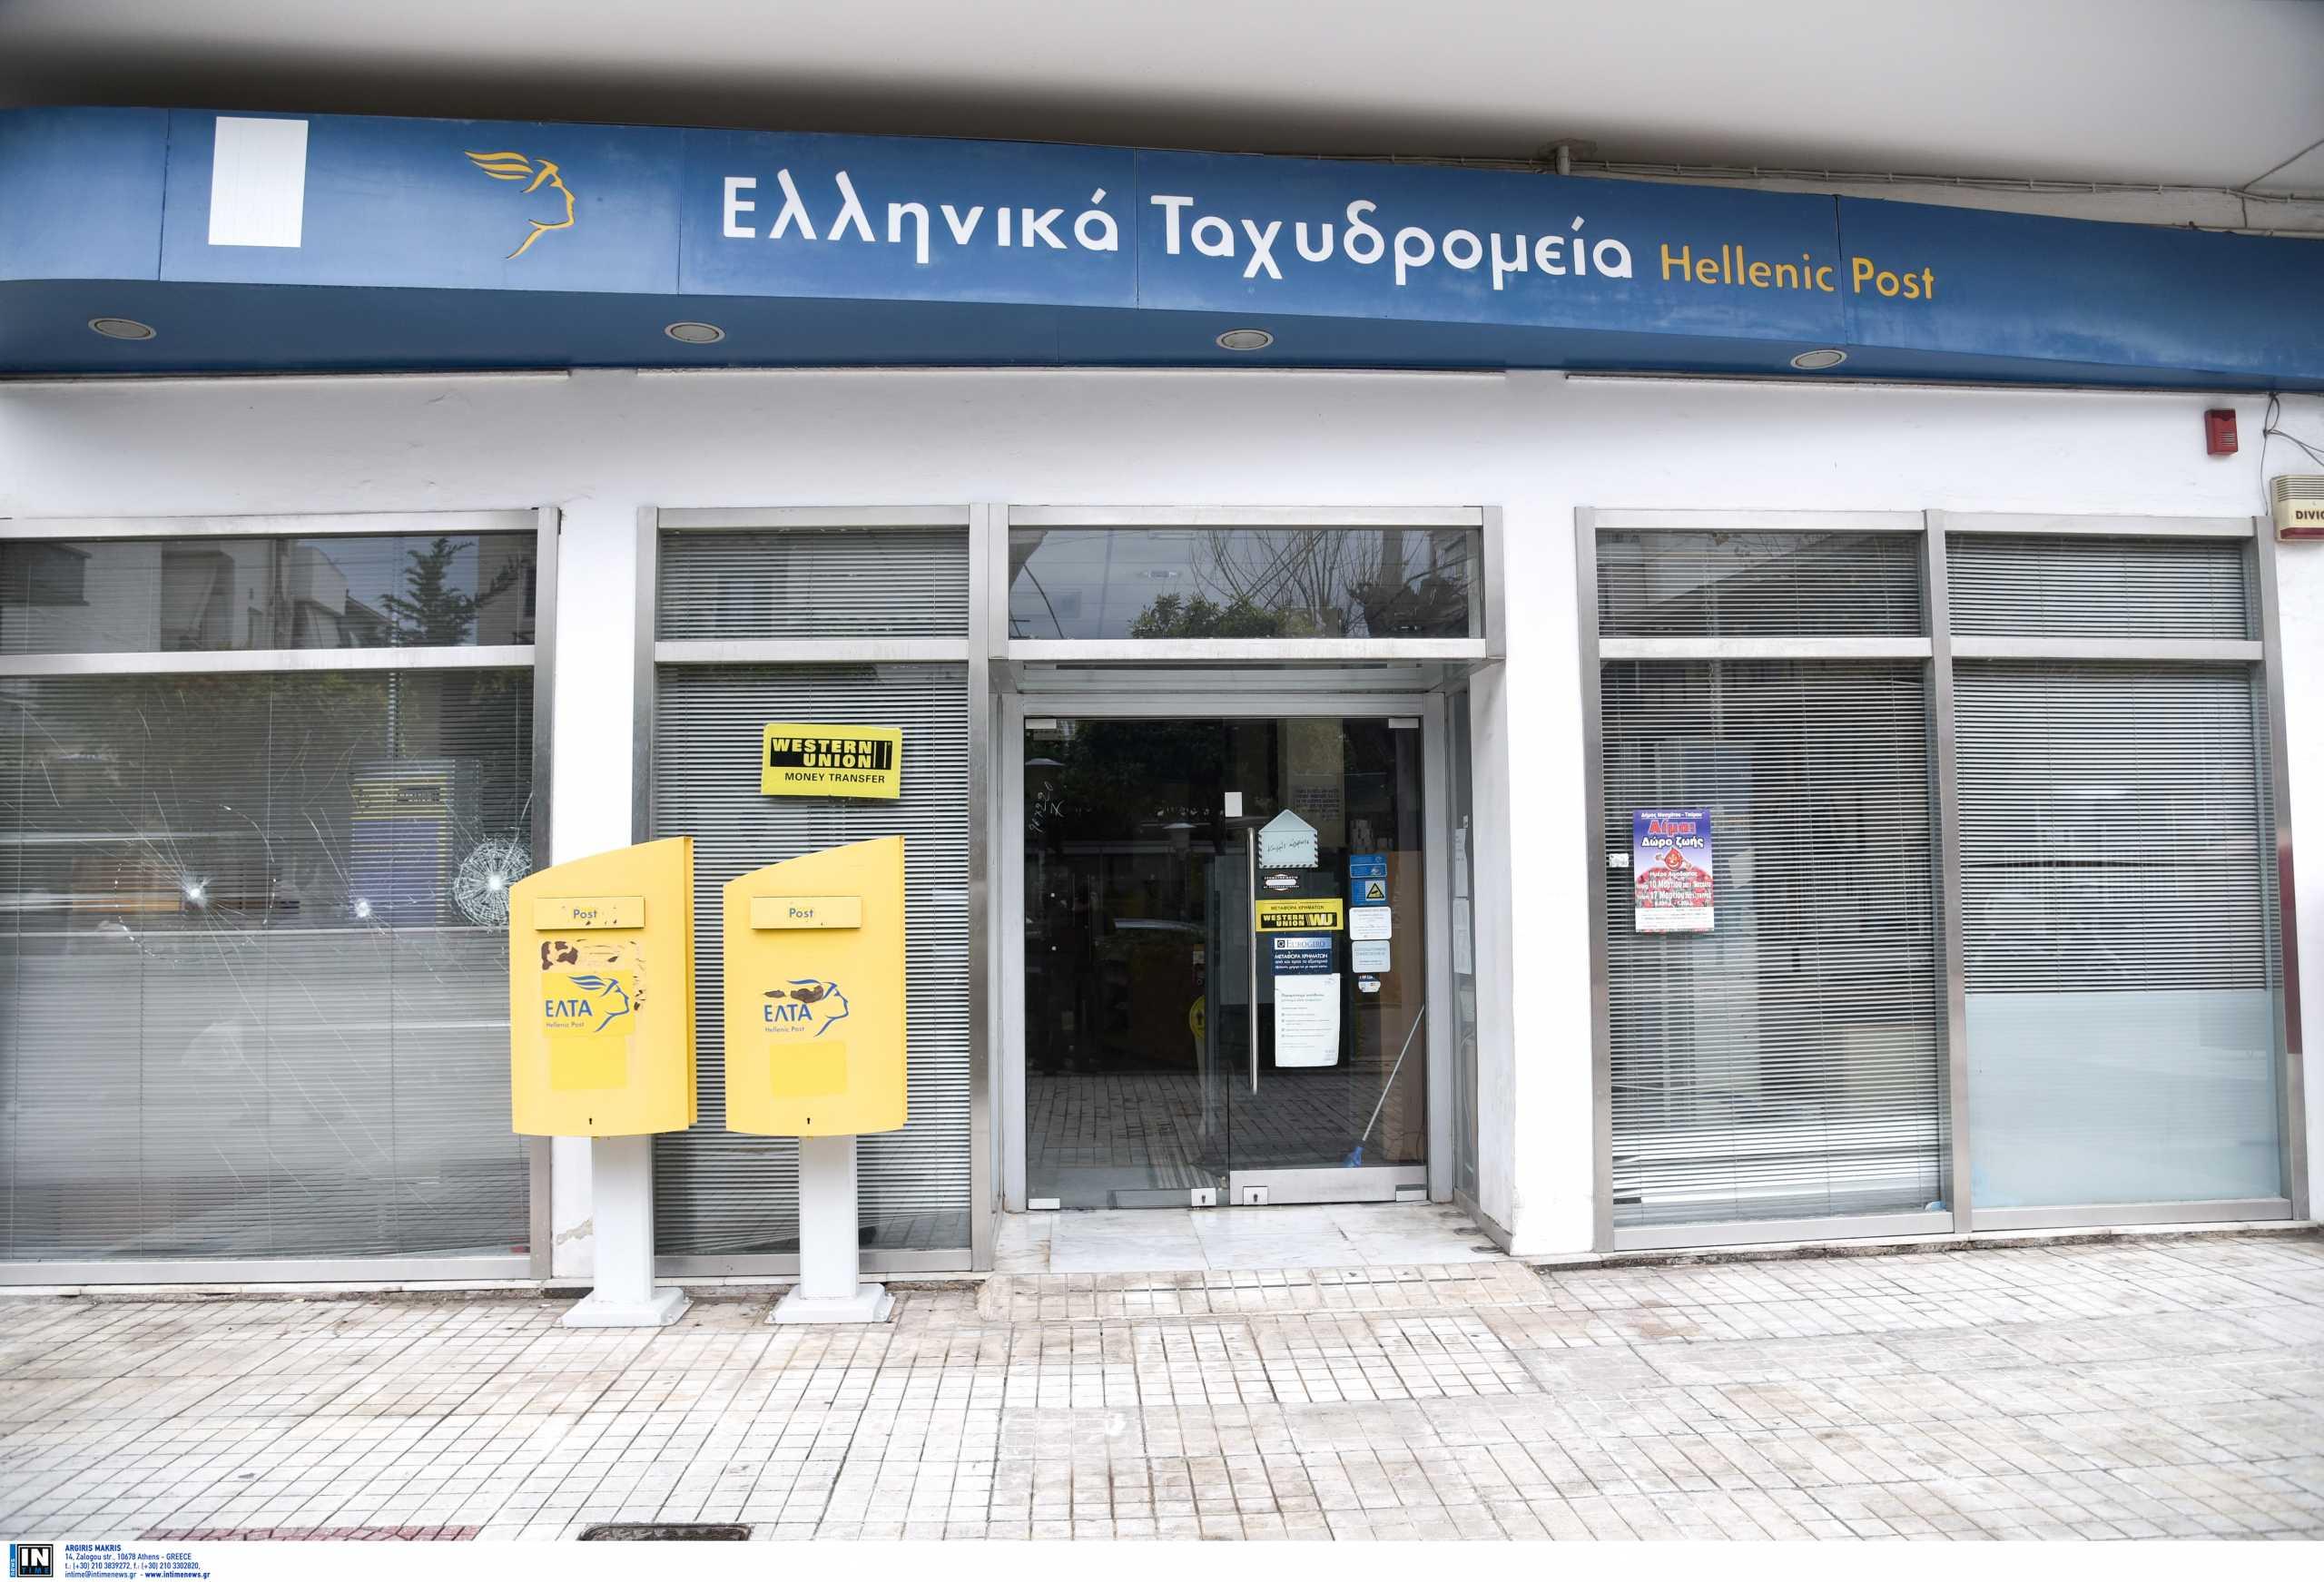 Θεσσαλονίκη: Ληστεία στα ΕΛΤΑ – Μπήκαν οπλισμένοι και άδειασαν τα ταμεία του υποκαταστήματος